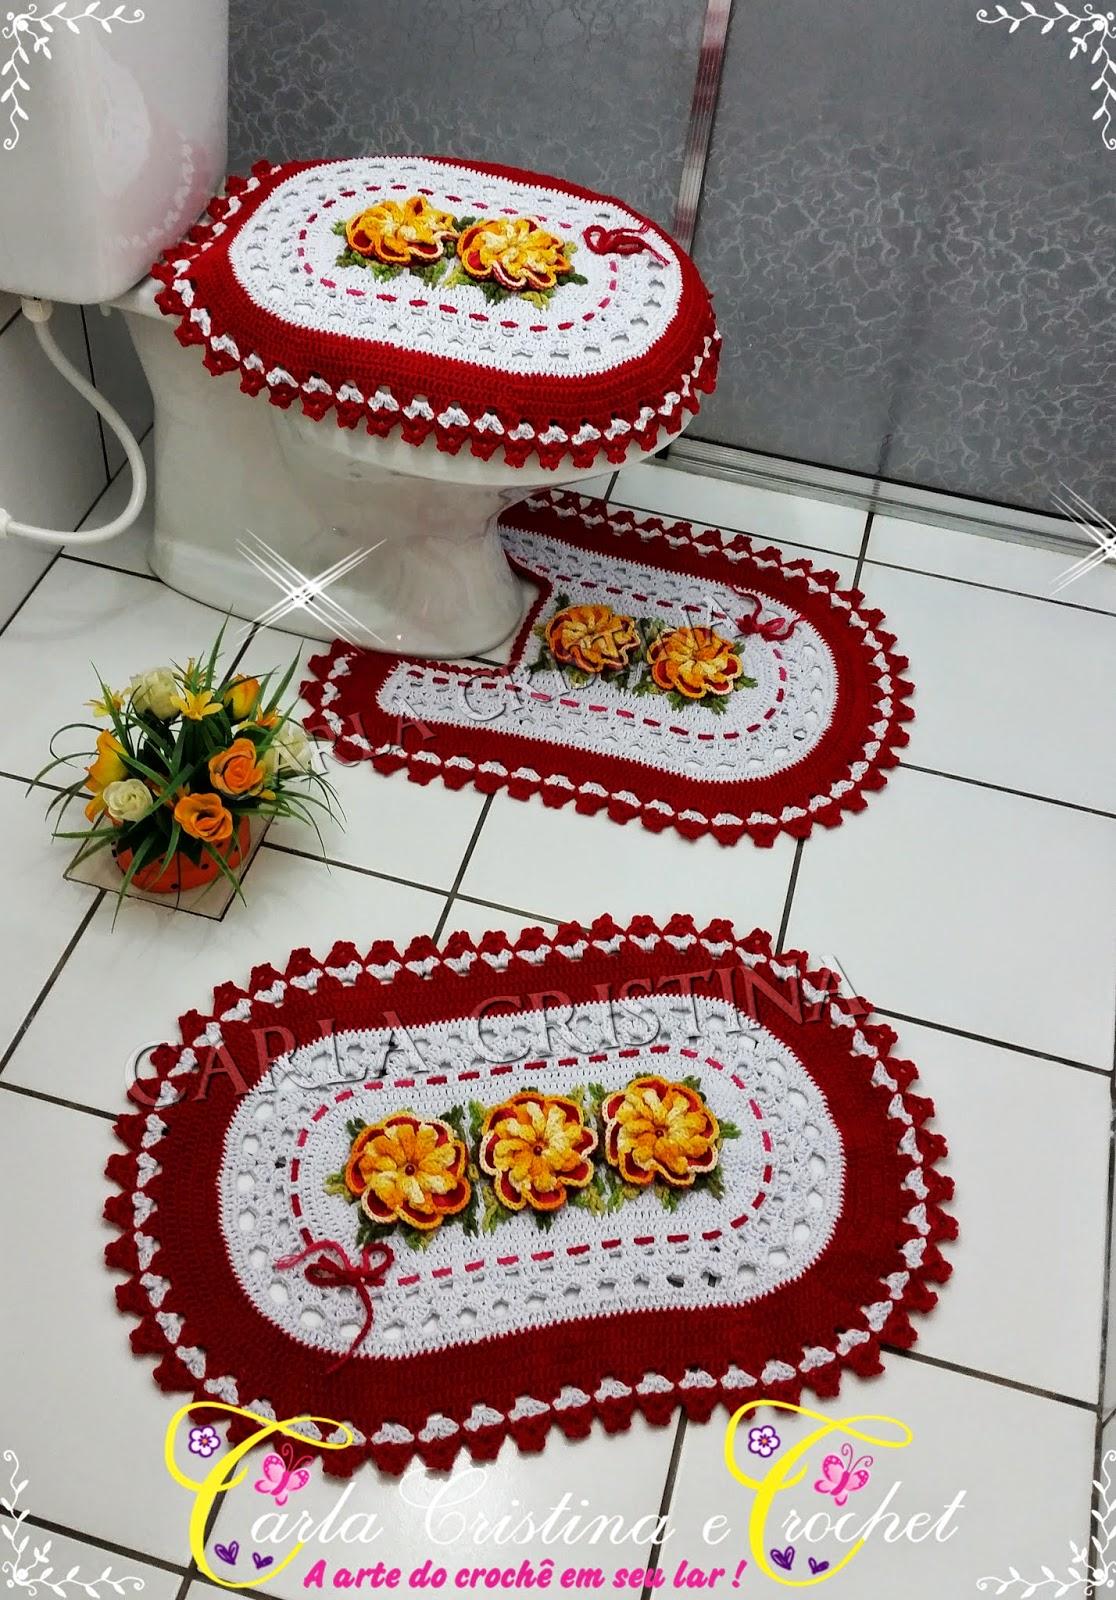 Carla Cristina & Crochet: Jogo de Banheiro Oval Flor Malva #BAA711 1116x1600 Banheiro Cinza E Vermelho